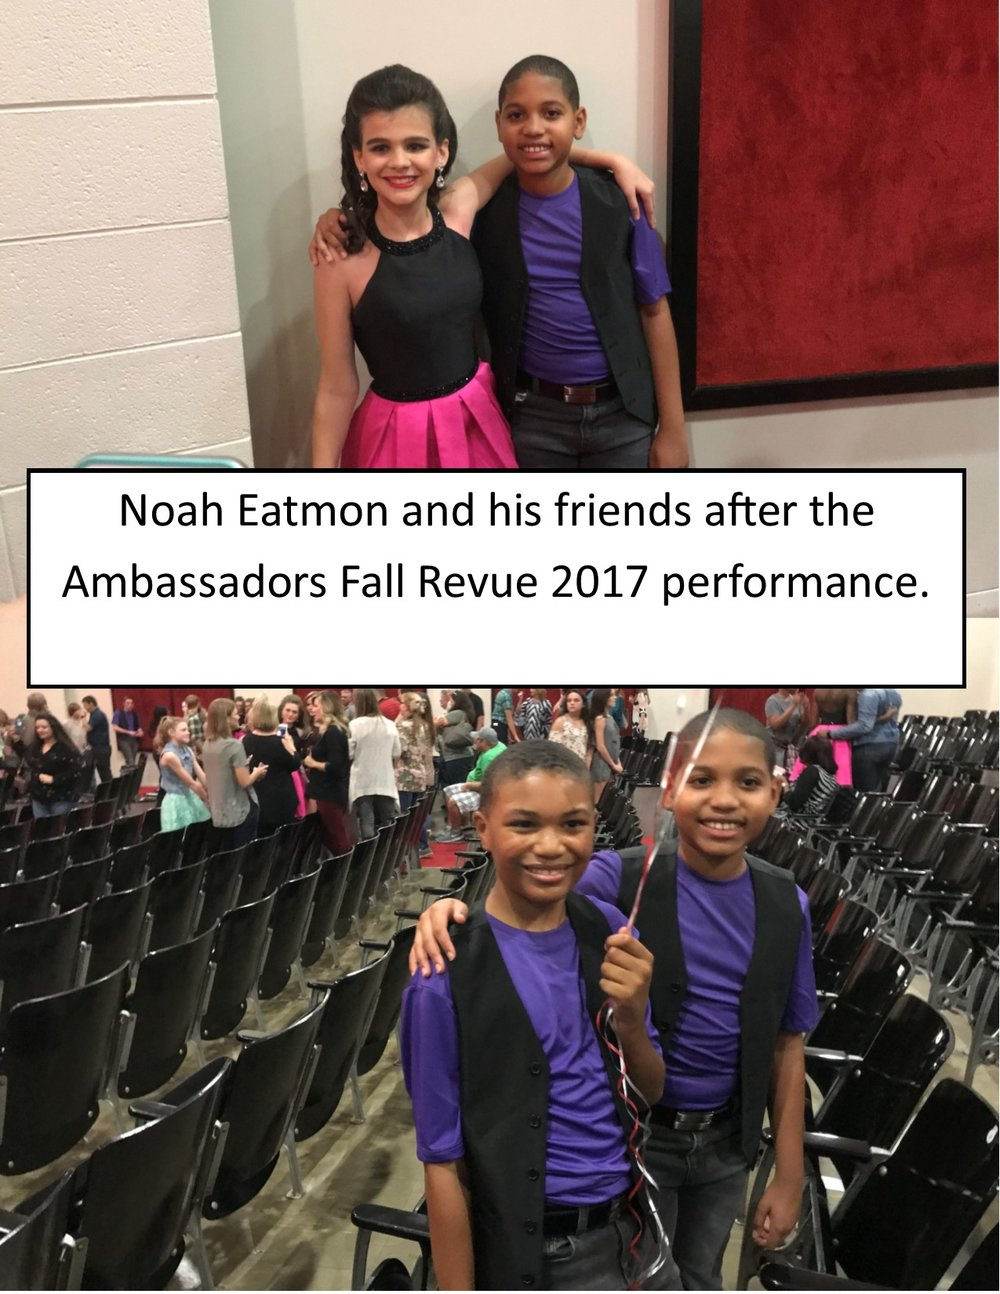 Noah Eatmon Ambassadors Fall Revue 2017.jpg